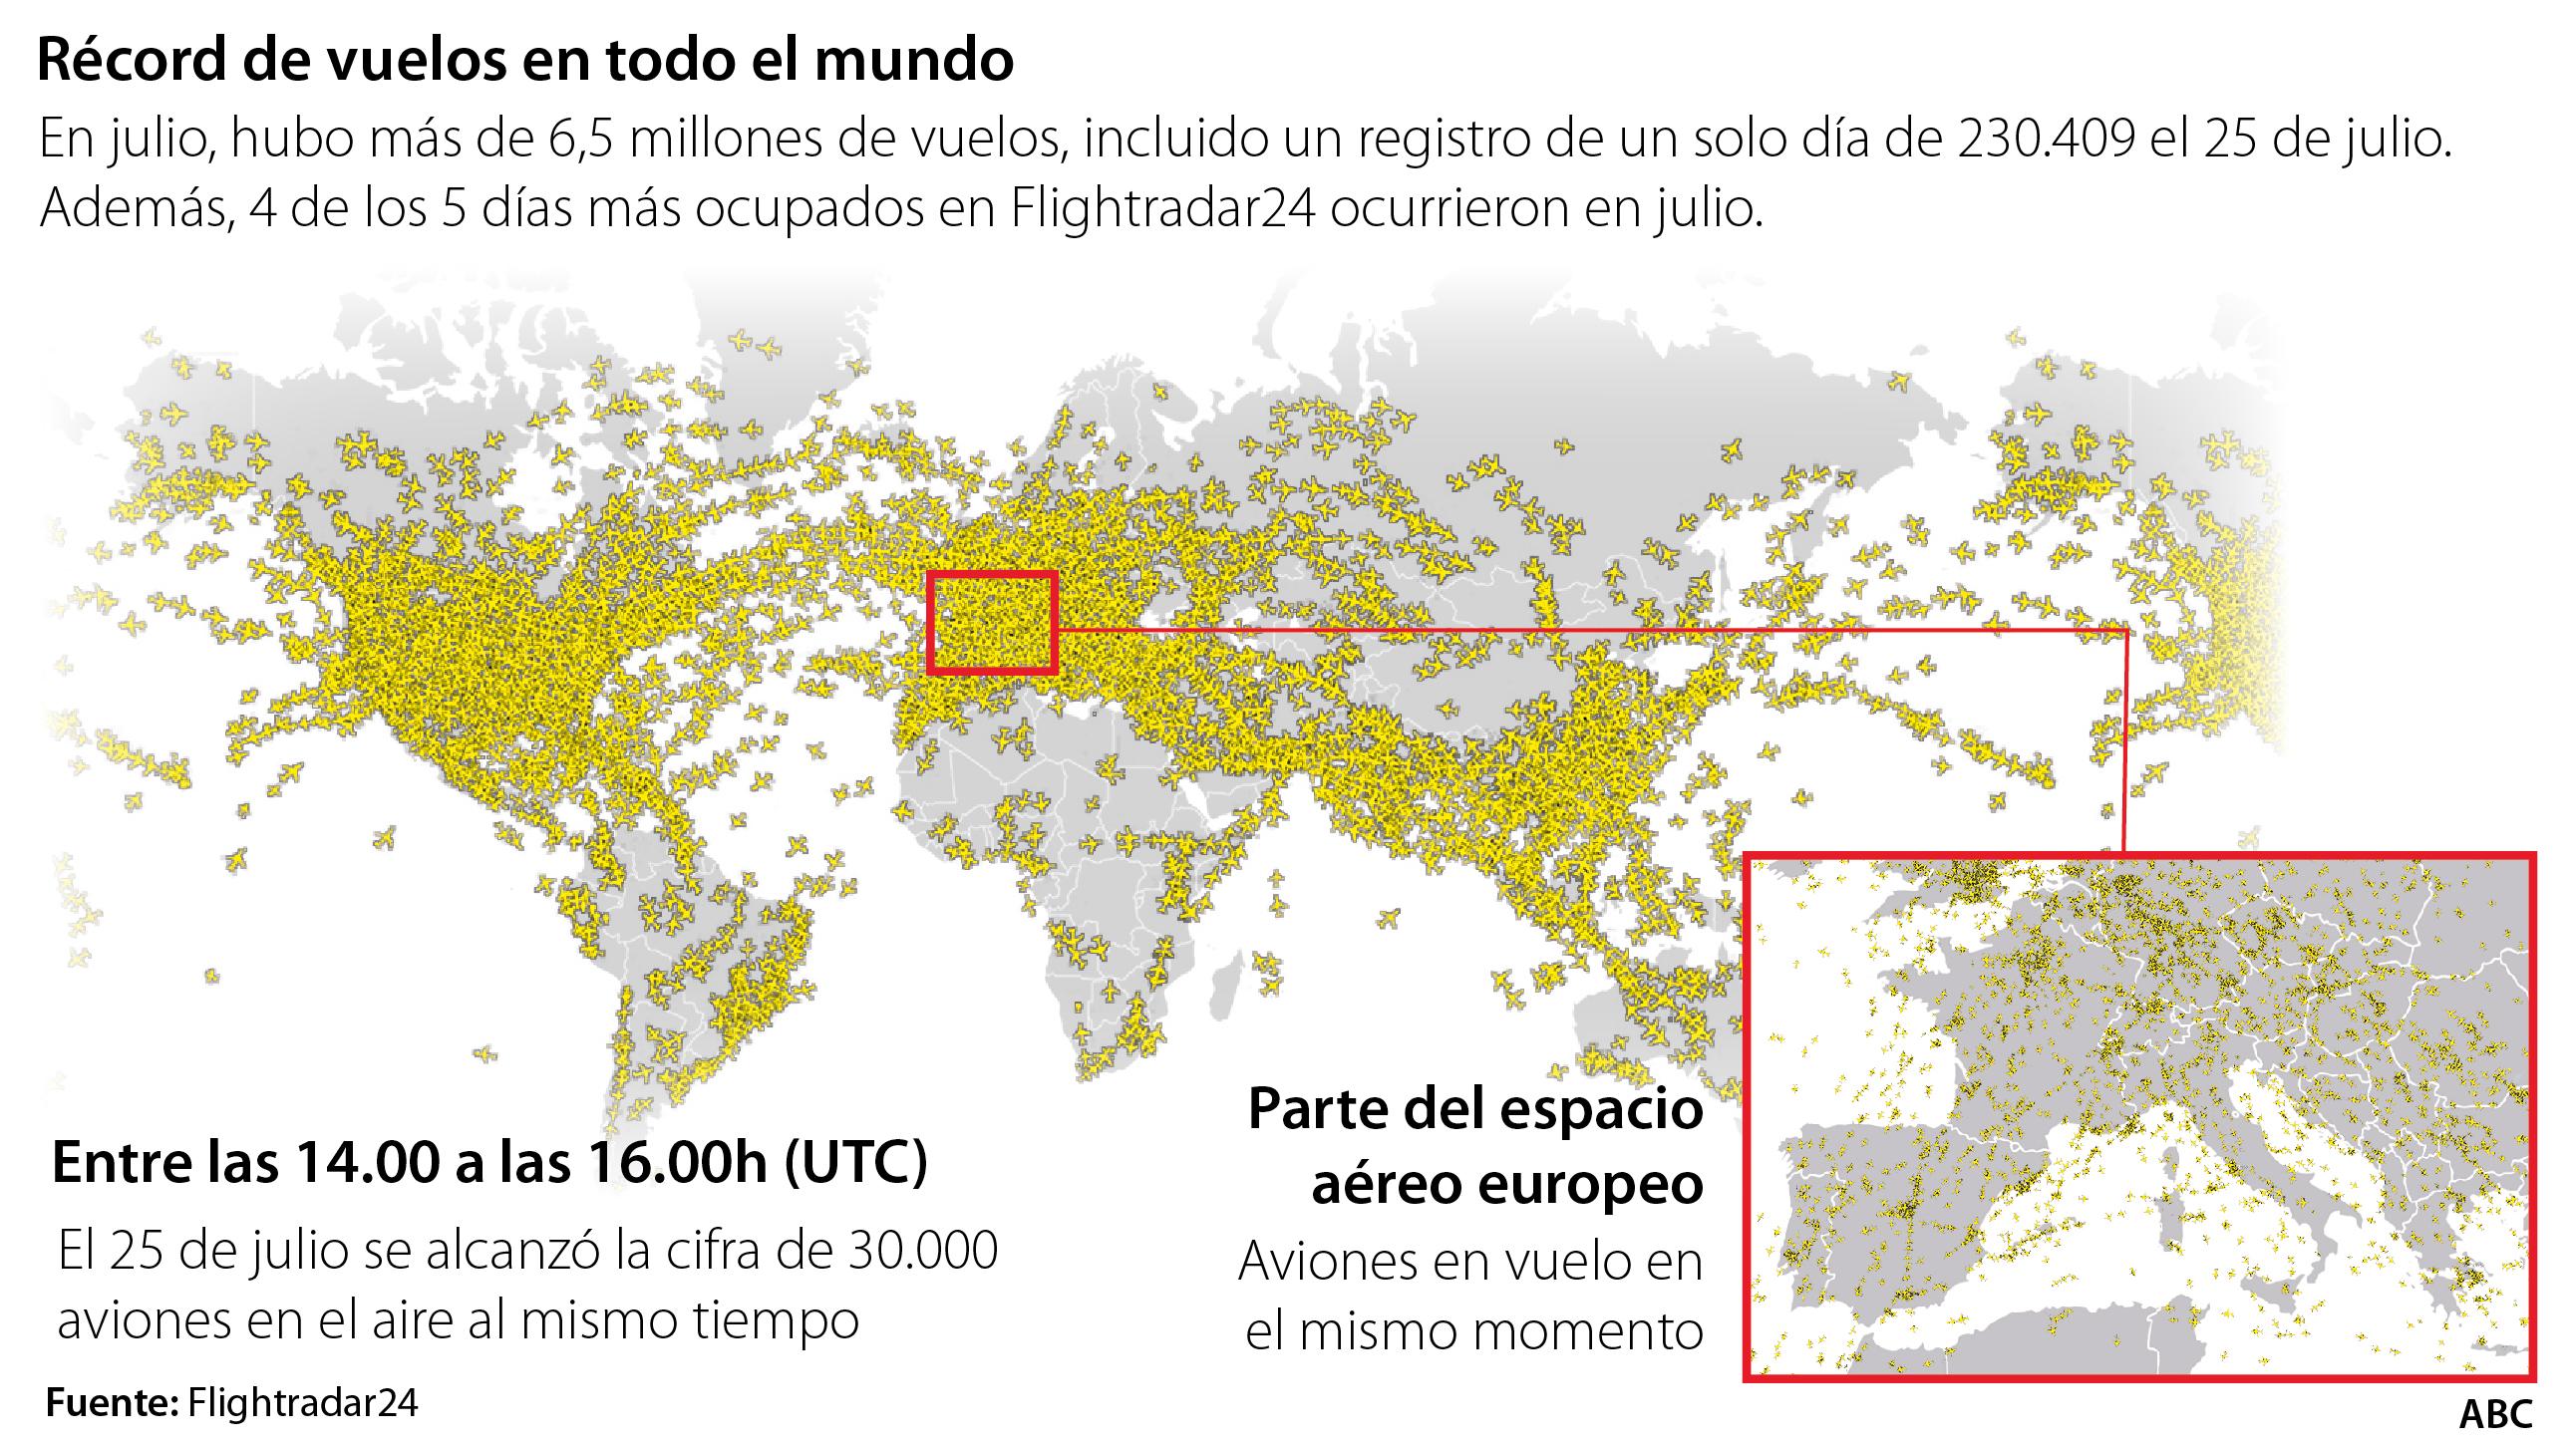 Récord De Aviones Surcando El Cielo 230 000 Vuelos En 24 Horas